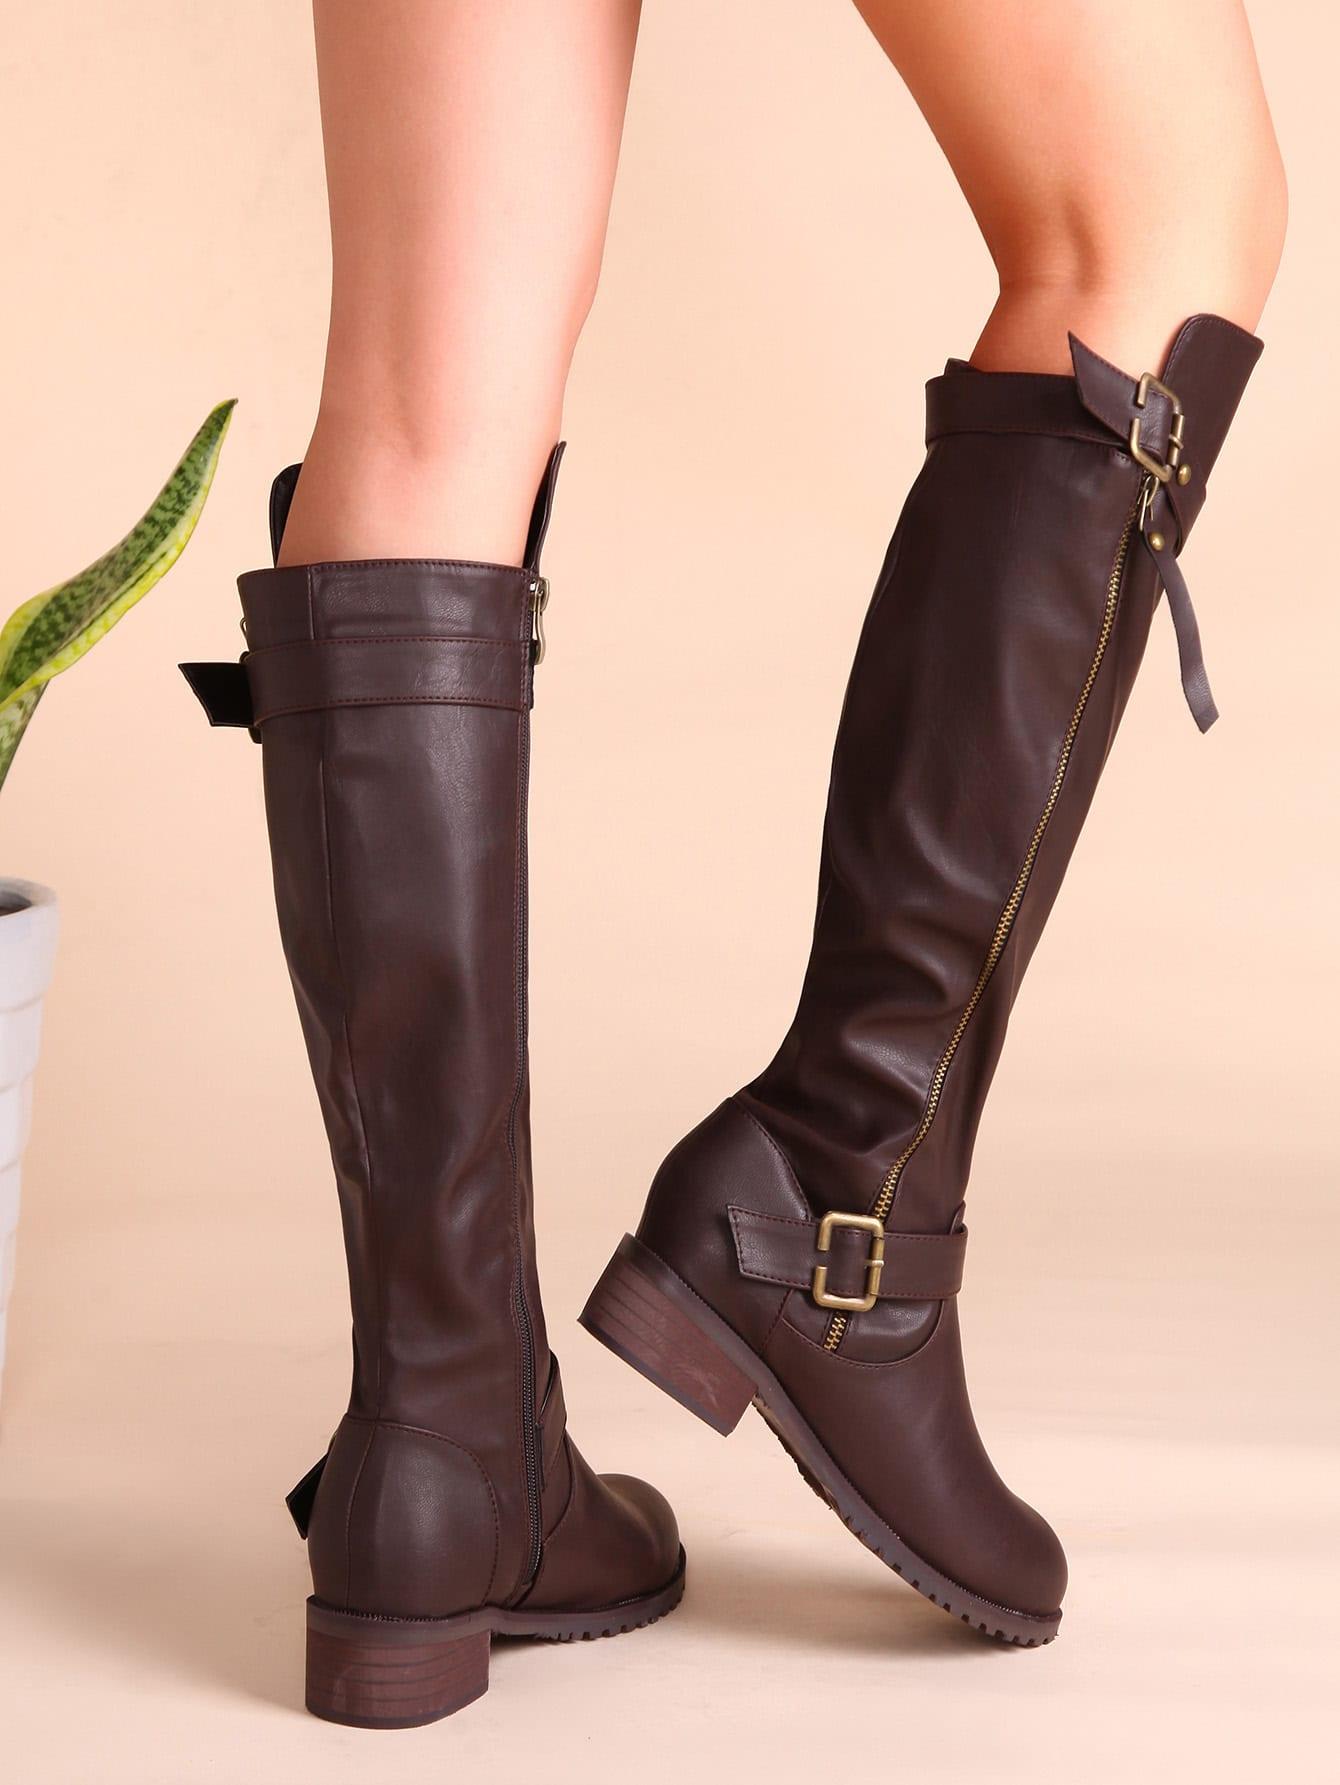 shoes161101807_2